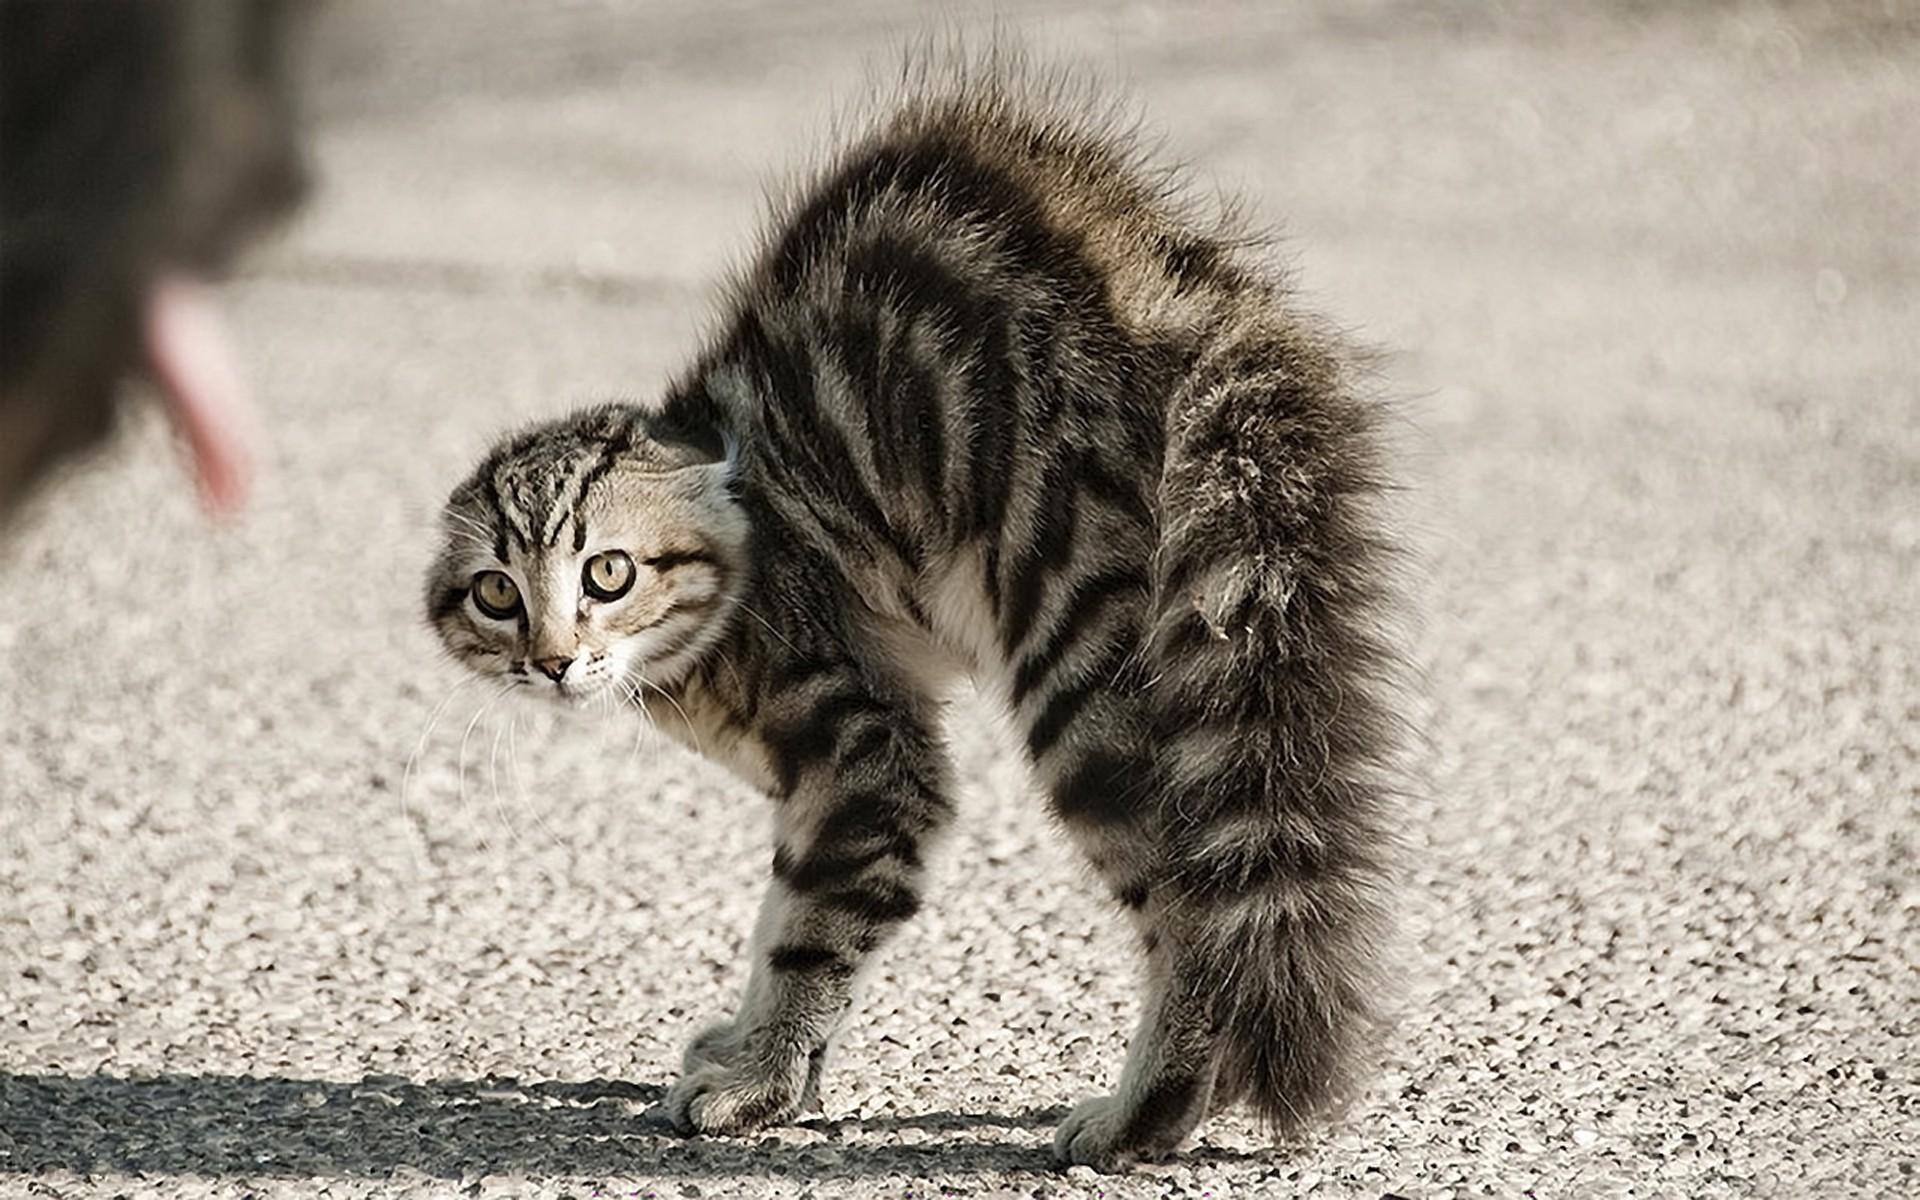 Un gato erizado - 1920x1200